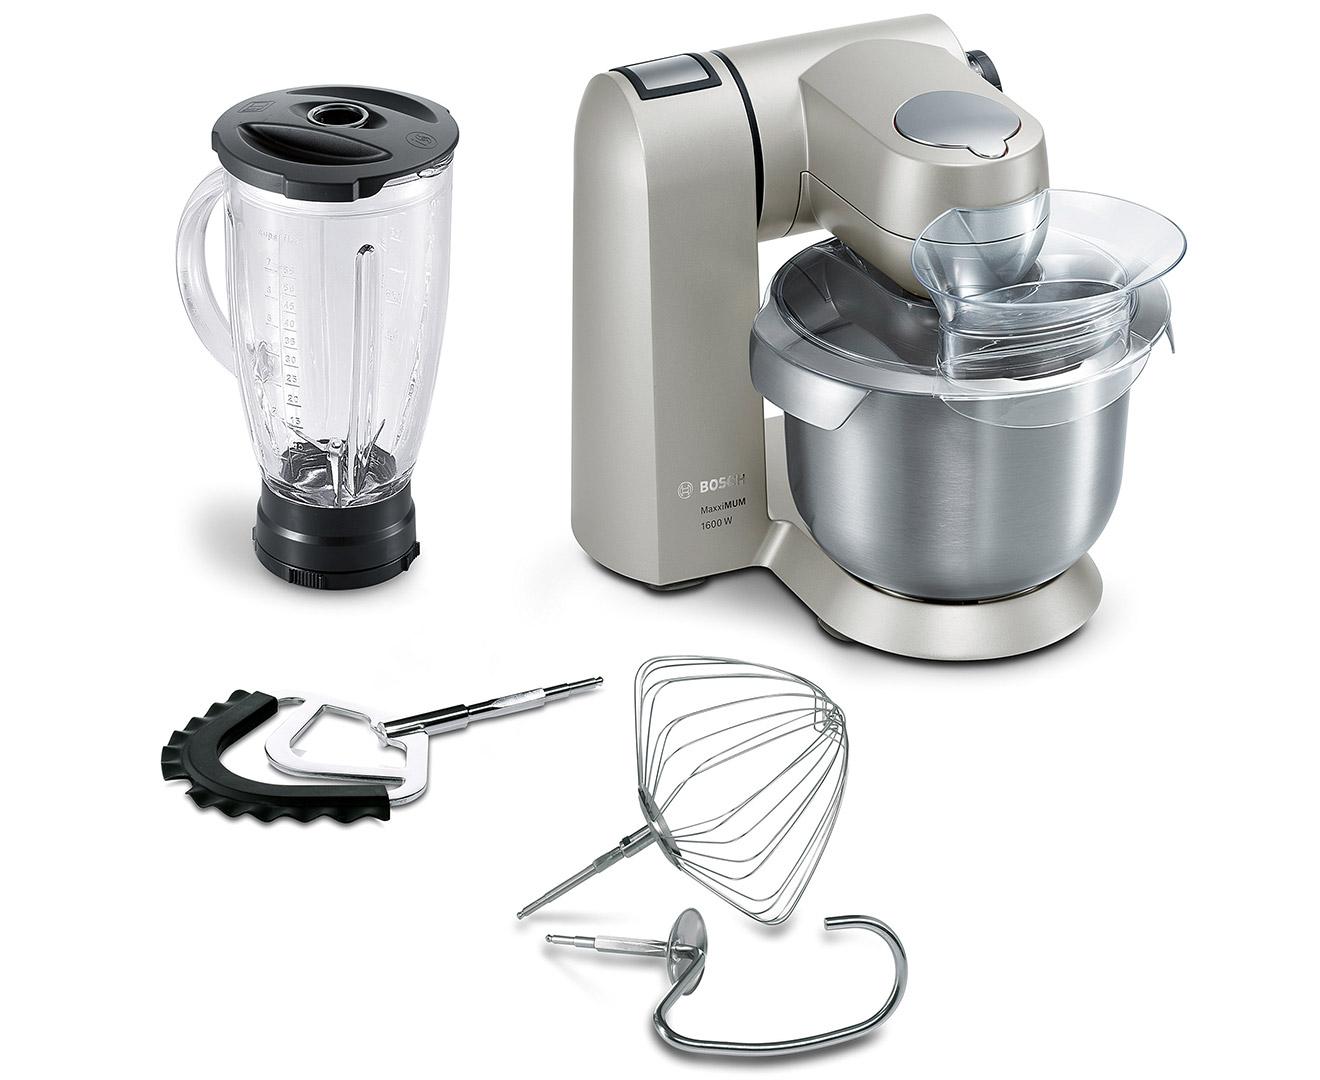 Bosch mum küchenmaschine  Catch.com.au | Bosch 1600W MaxxiMUM Kitchen Machine